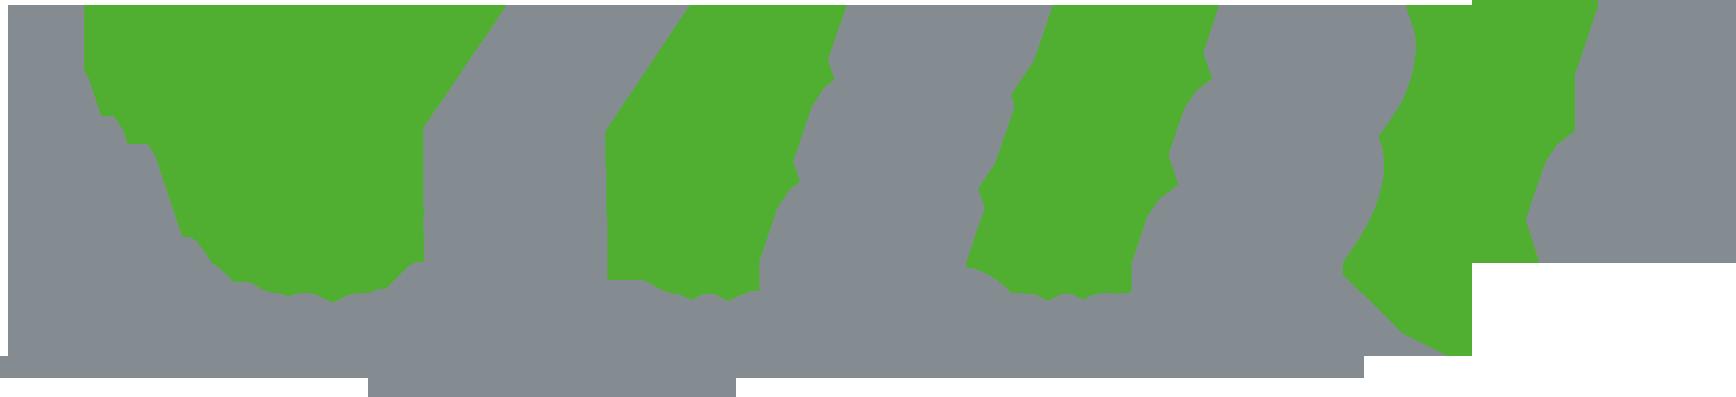 Od leta 2009 je bilo prodanih VEČ kot 150.000 električnih polnilnic KEBA KeContact po celem svetu</p> <p>Avstrijsko podjetje KEBA je danes med 3 NAJBOLJŠIMI proizvajalci pametne polnilne infrastrukture